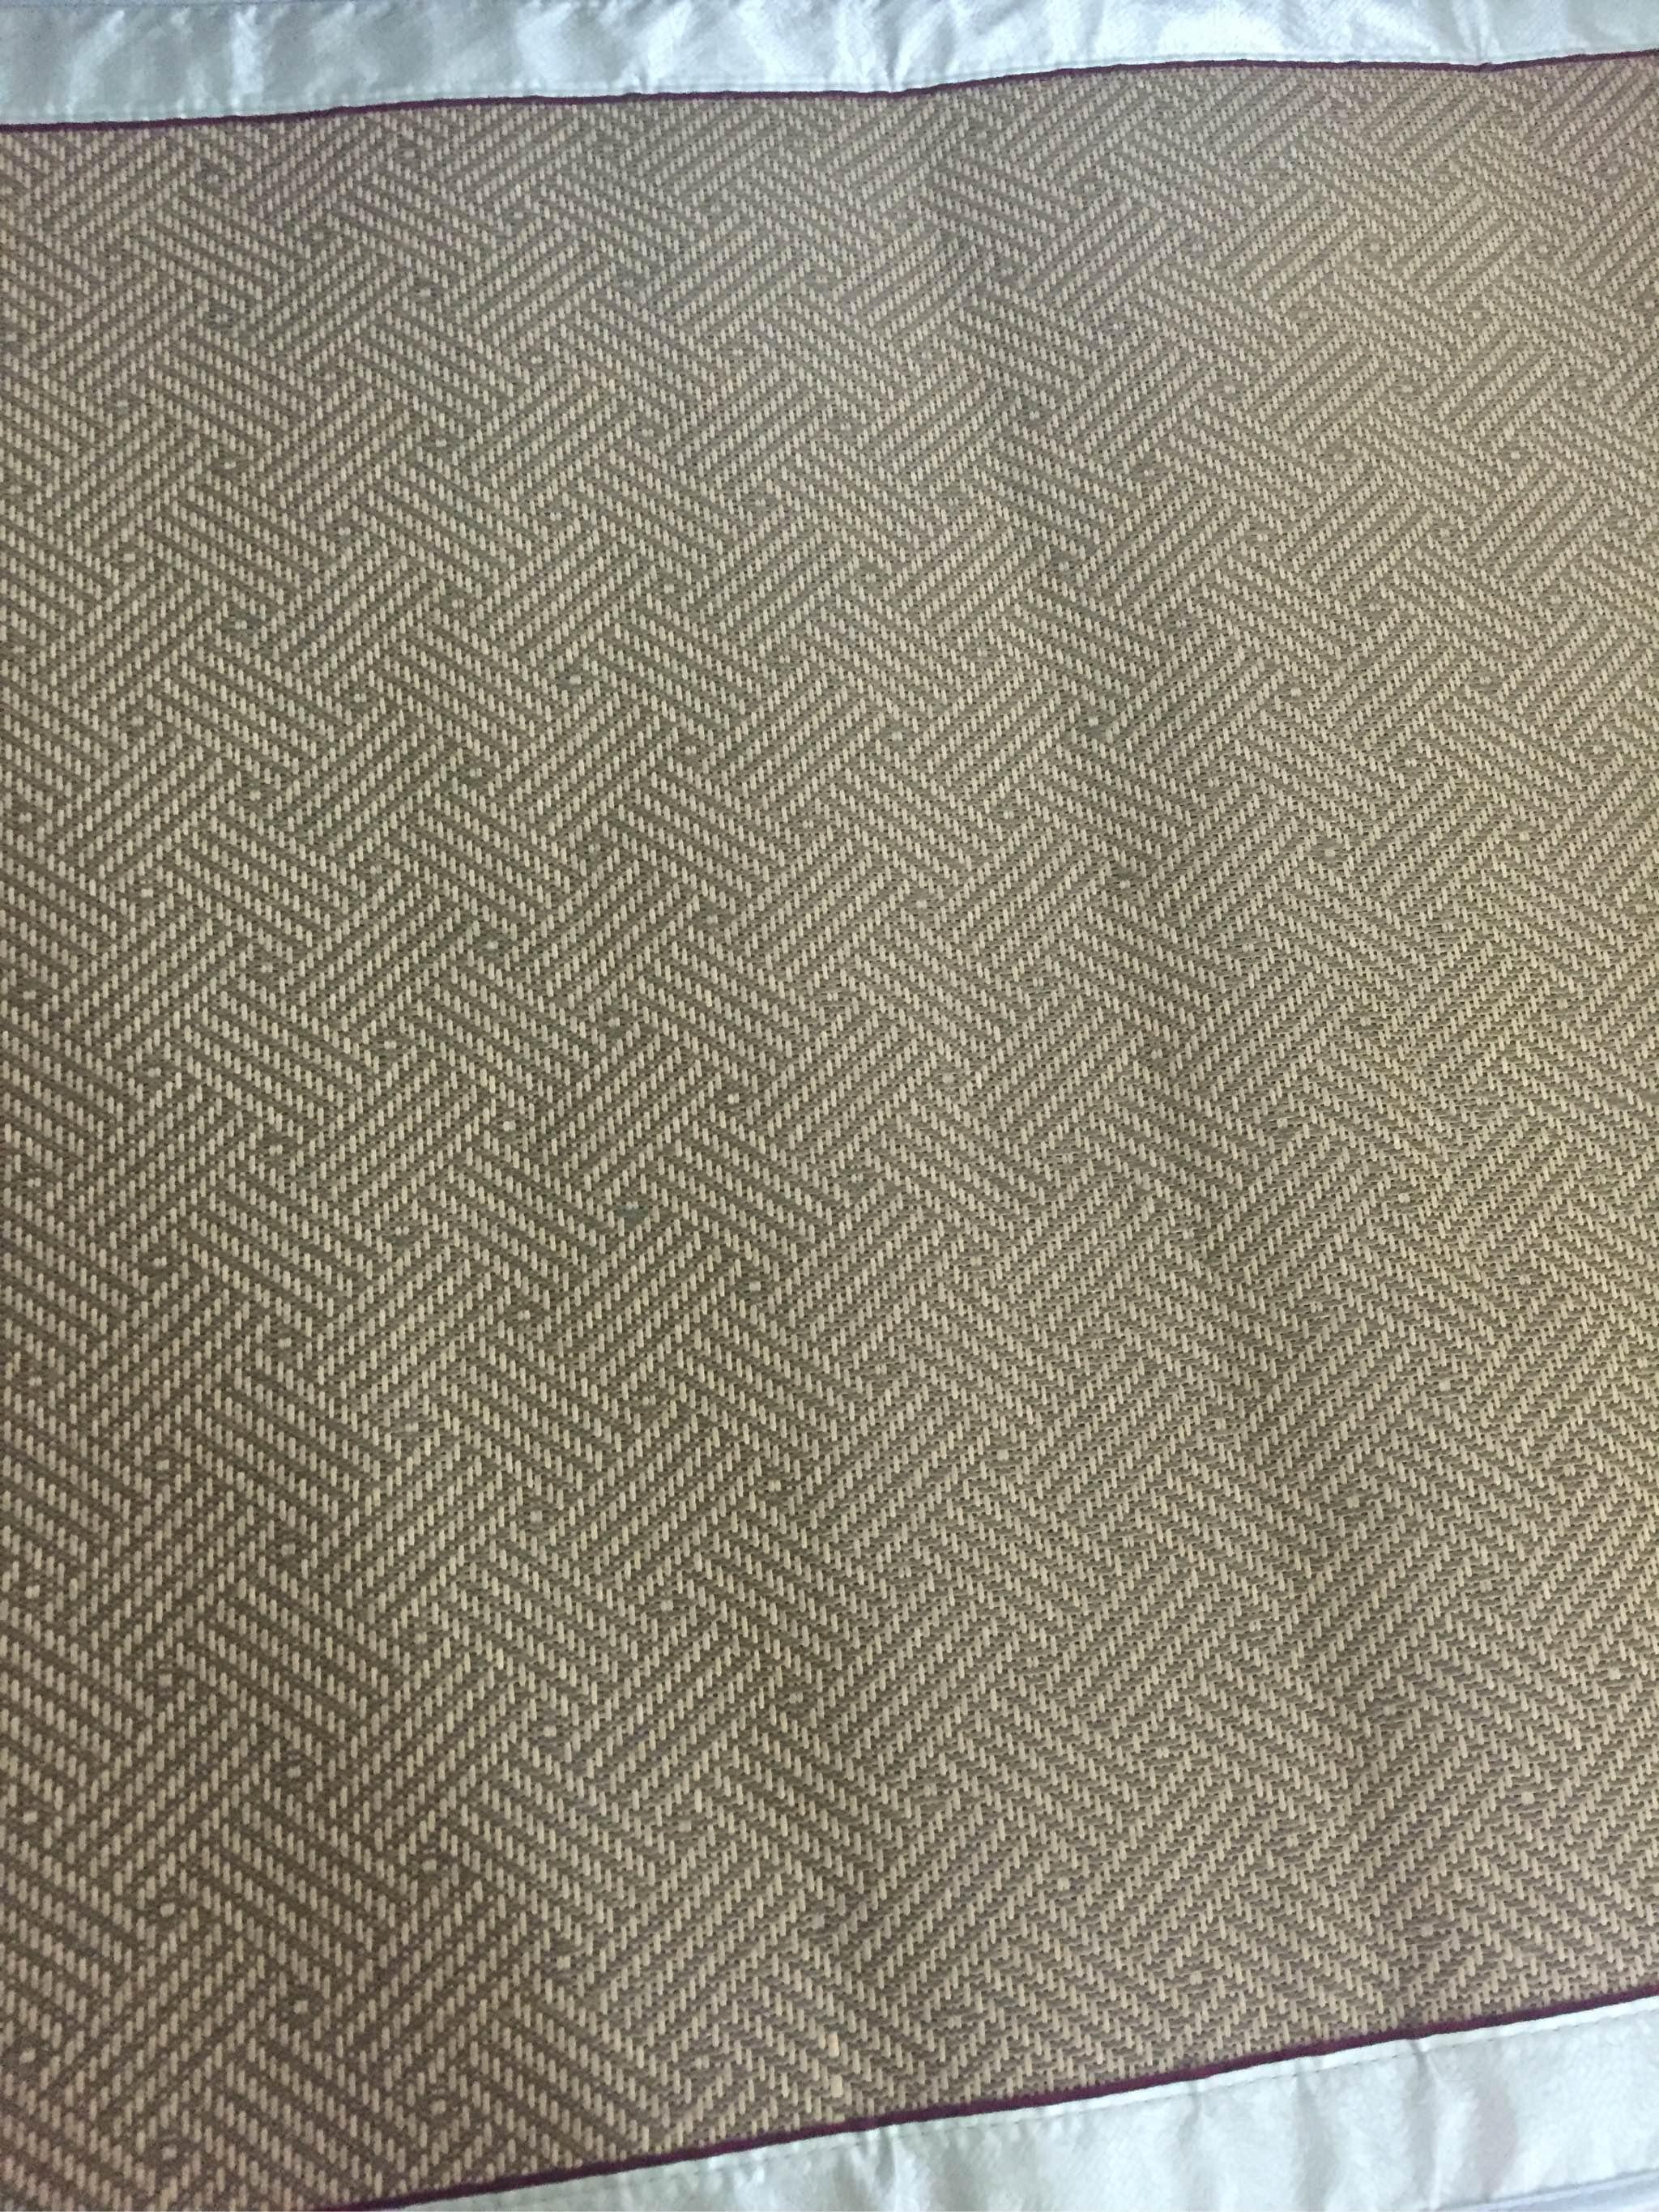 夏季藤席沙发垫质量怎么样,使用体验如何